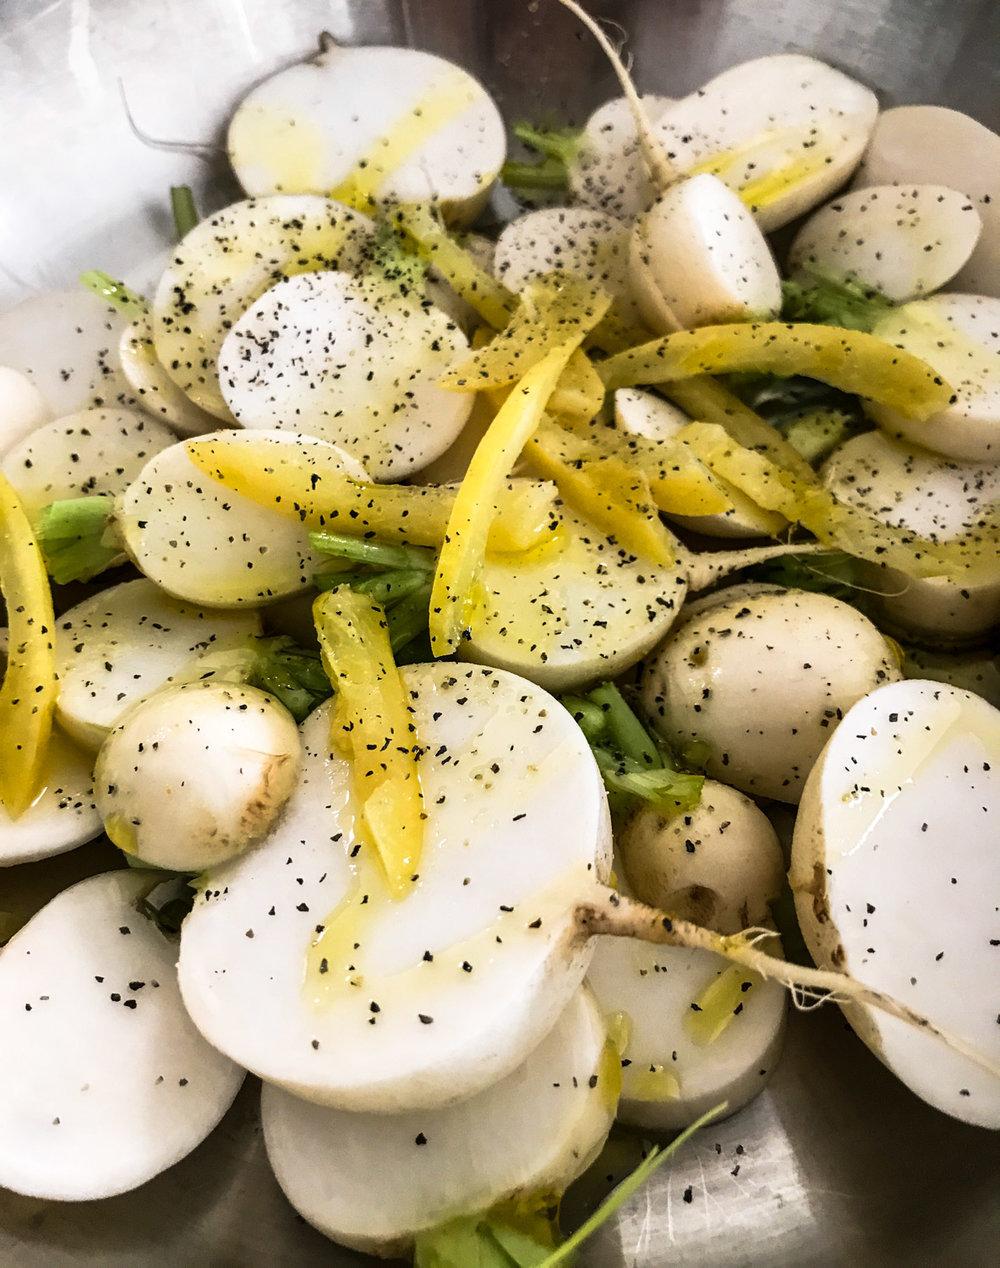 Turnips Prepped for Roasting